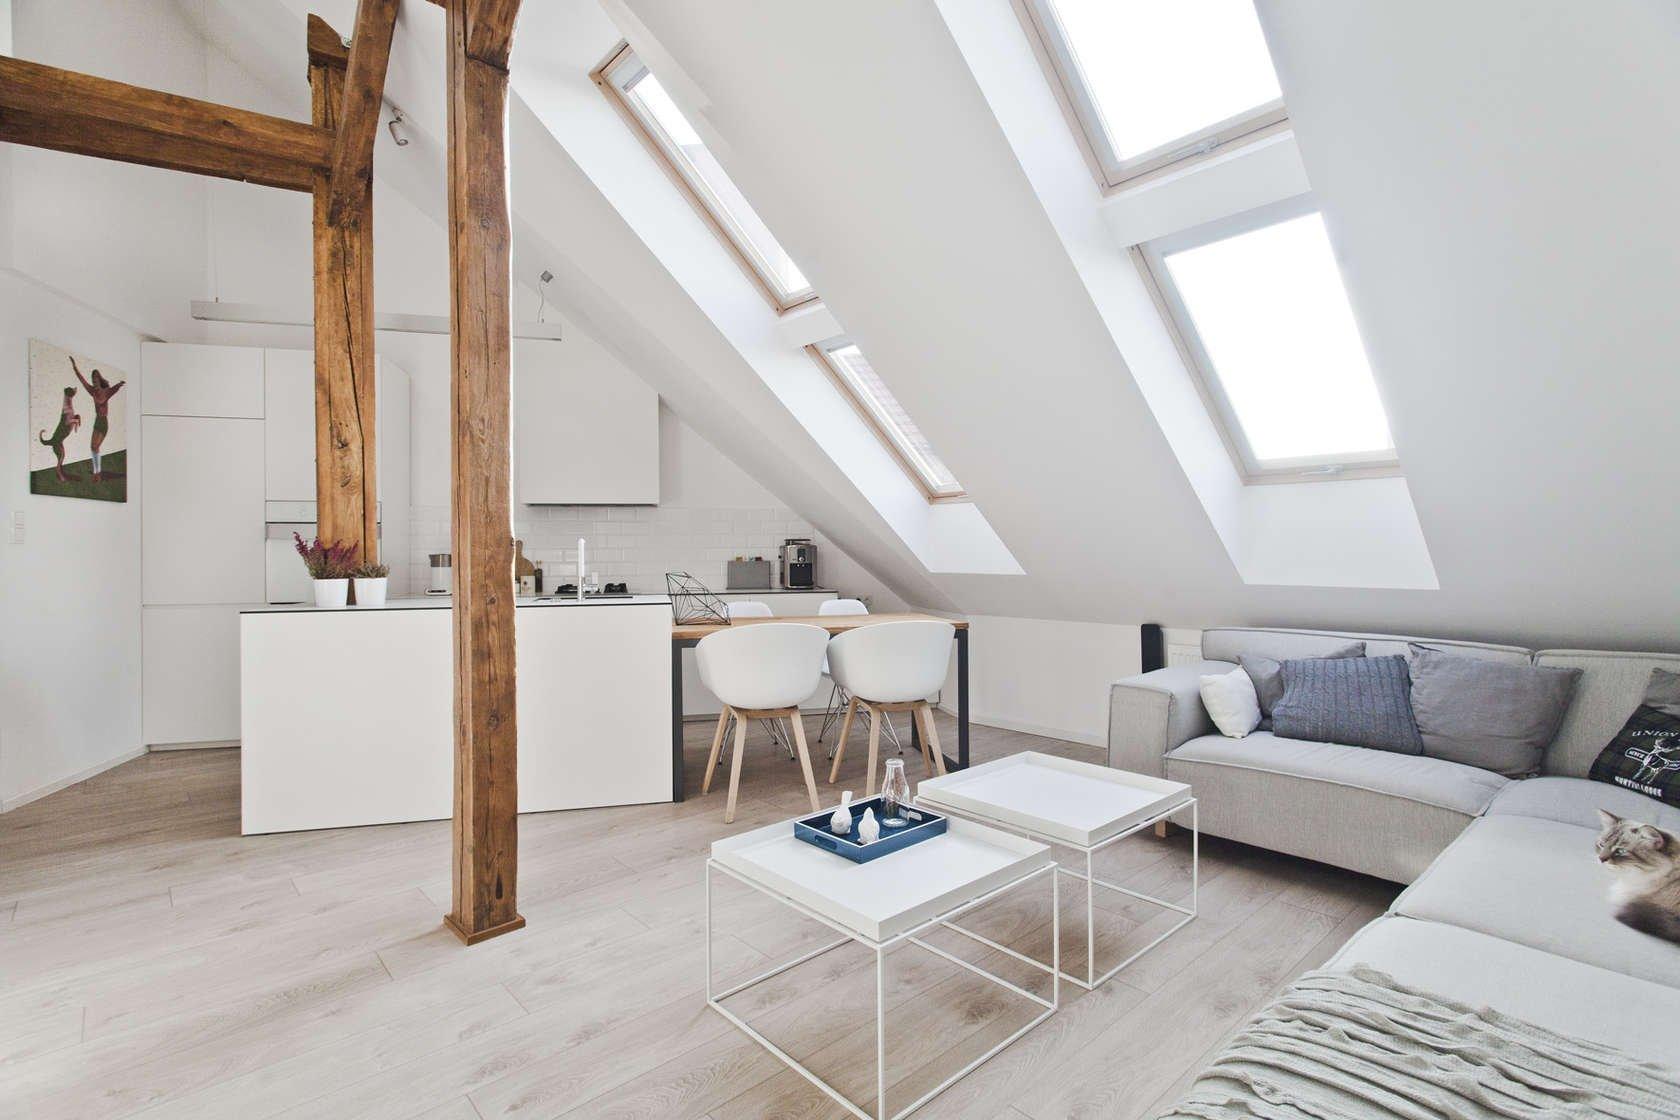 Interiér je zdařilým příkladem toho, jak se z nevyužitého podkrovního prostoru dá vybudovat luxusní mezonet pro příjemný městský život. Mladí architekti předvedli skutečně skvělou práci při rekonstrukci starého podkroví, nacházejícího se v polském městě Gliwice. Autory projektu jsou designeři architektonického studia Superpozycja Architekci